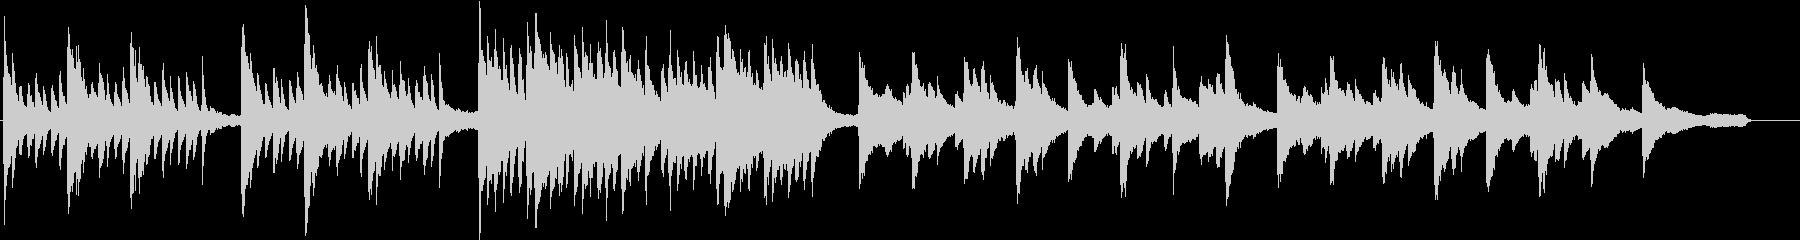 和風成分の入ったミステリー系の楽曲の未再生の波形